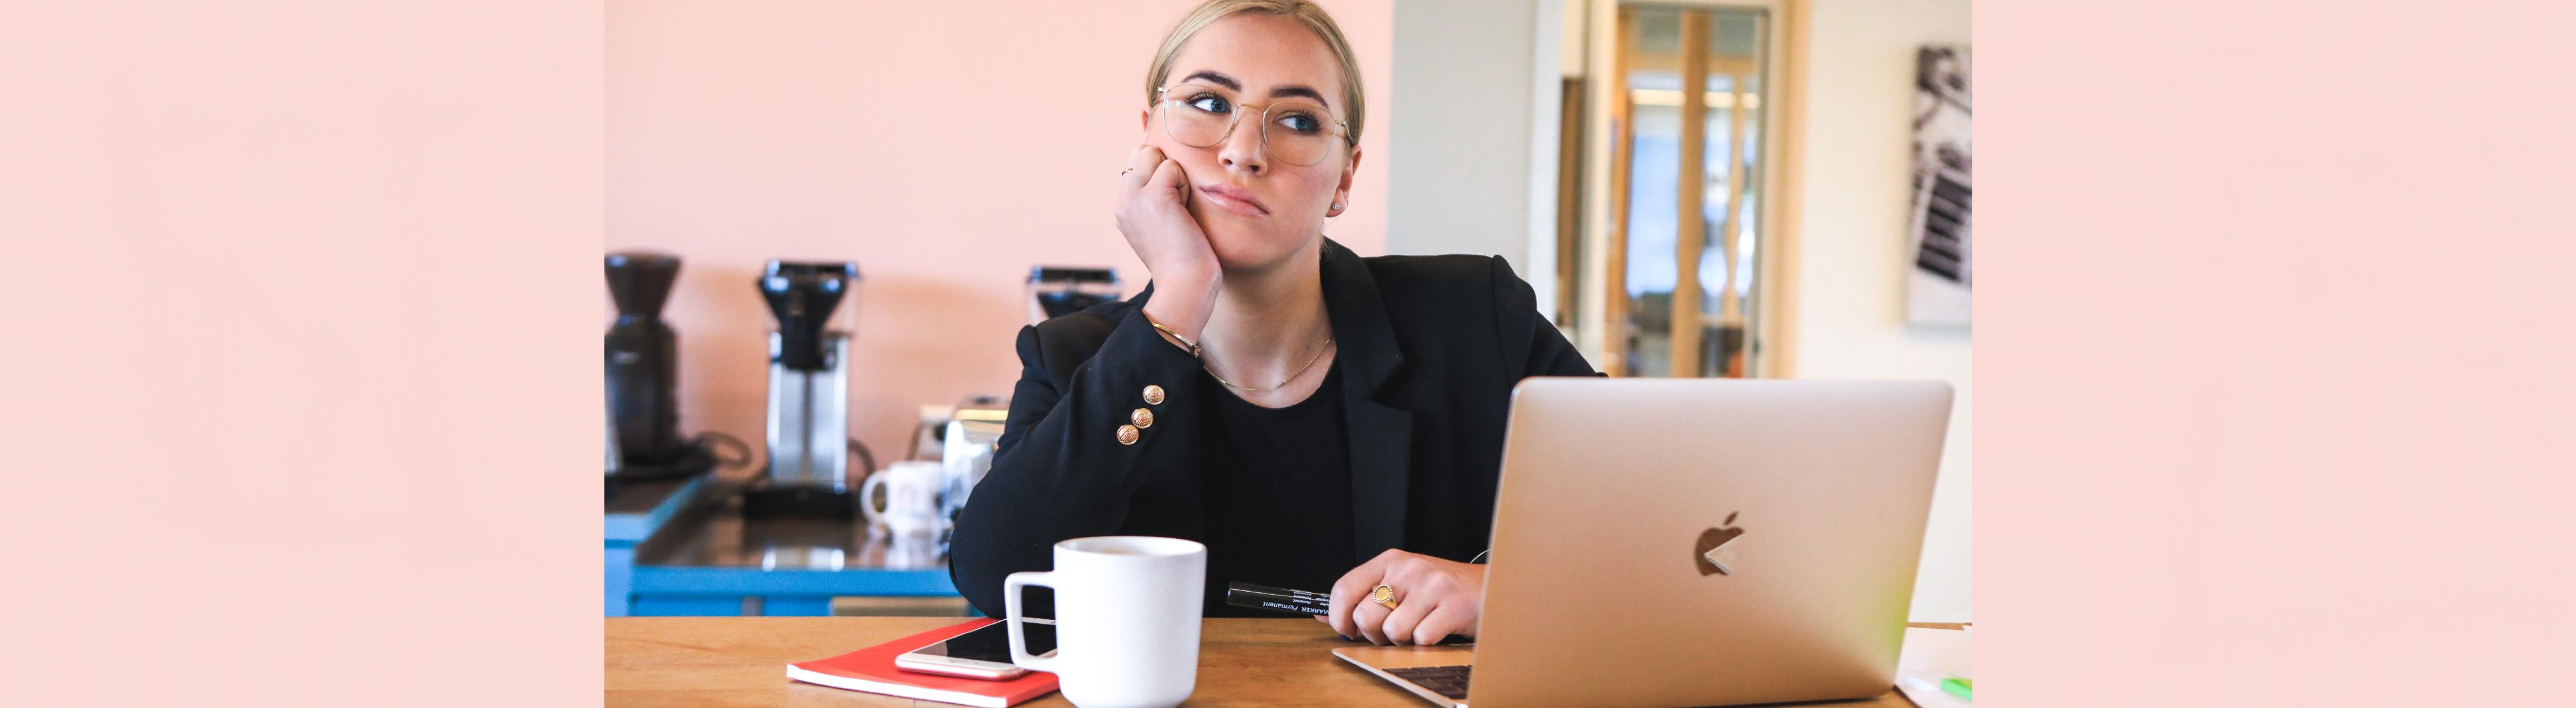 Frau sitzt grübelnd an einem Tisch vor Notebook.